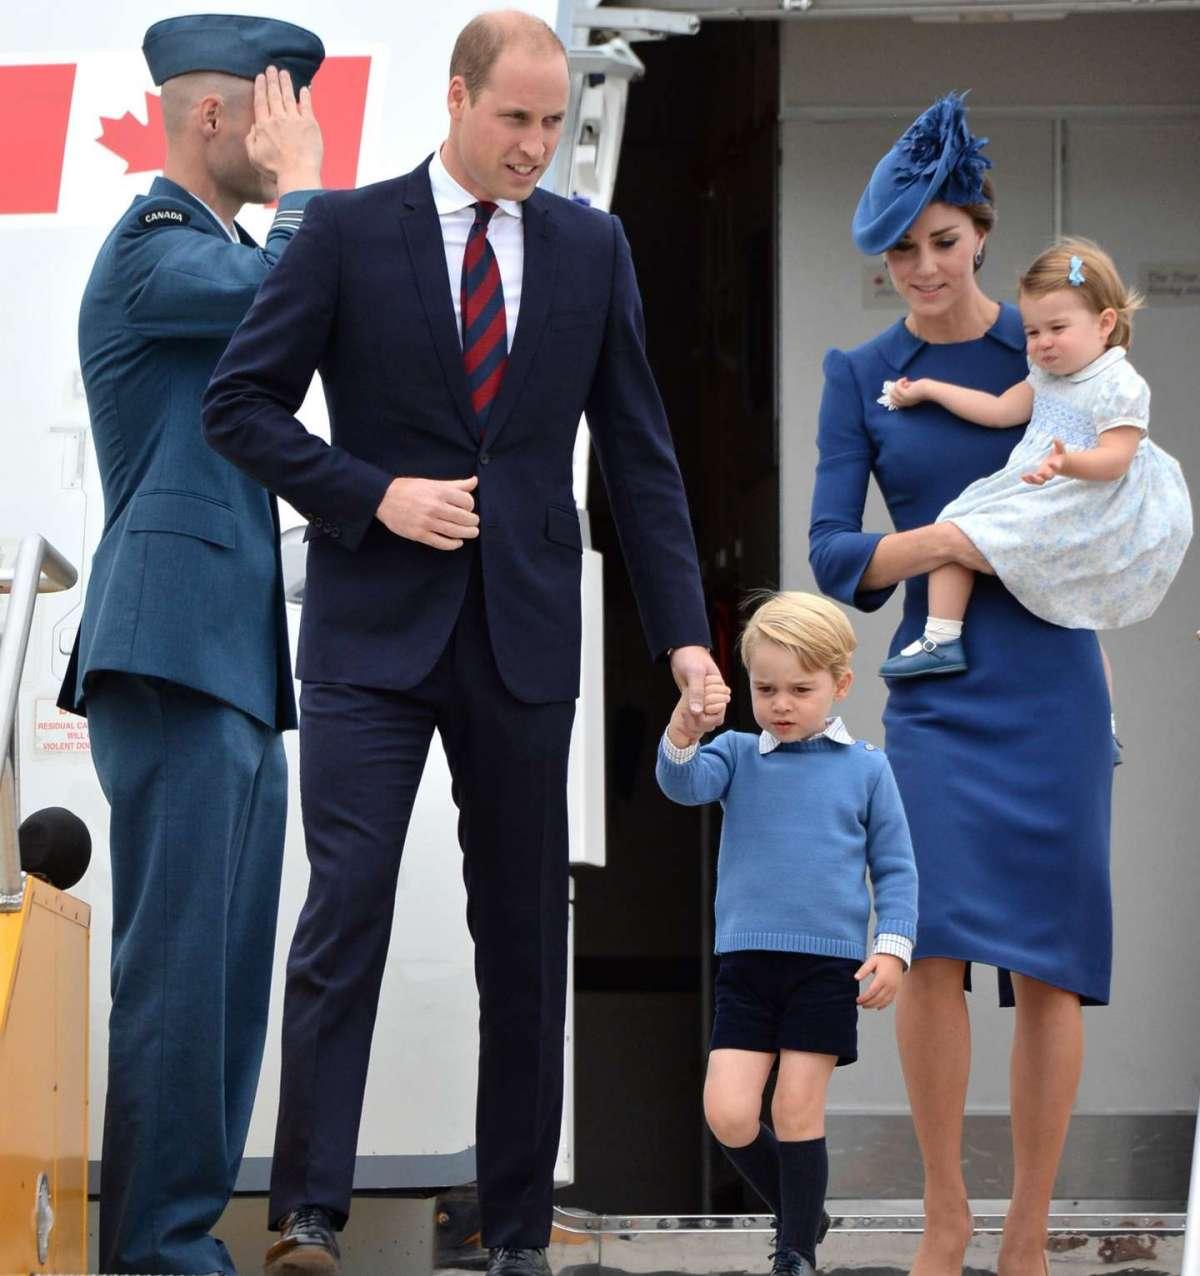 La famiglia reale inglese arriva in Canada